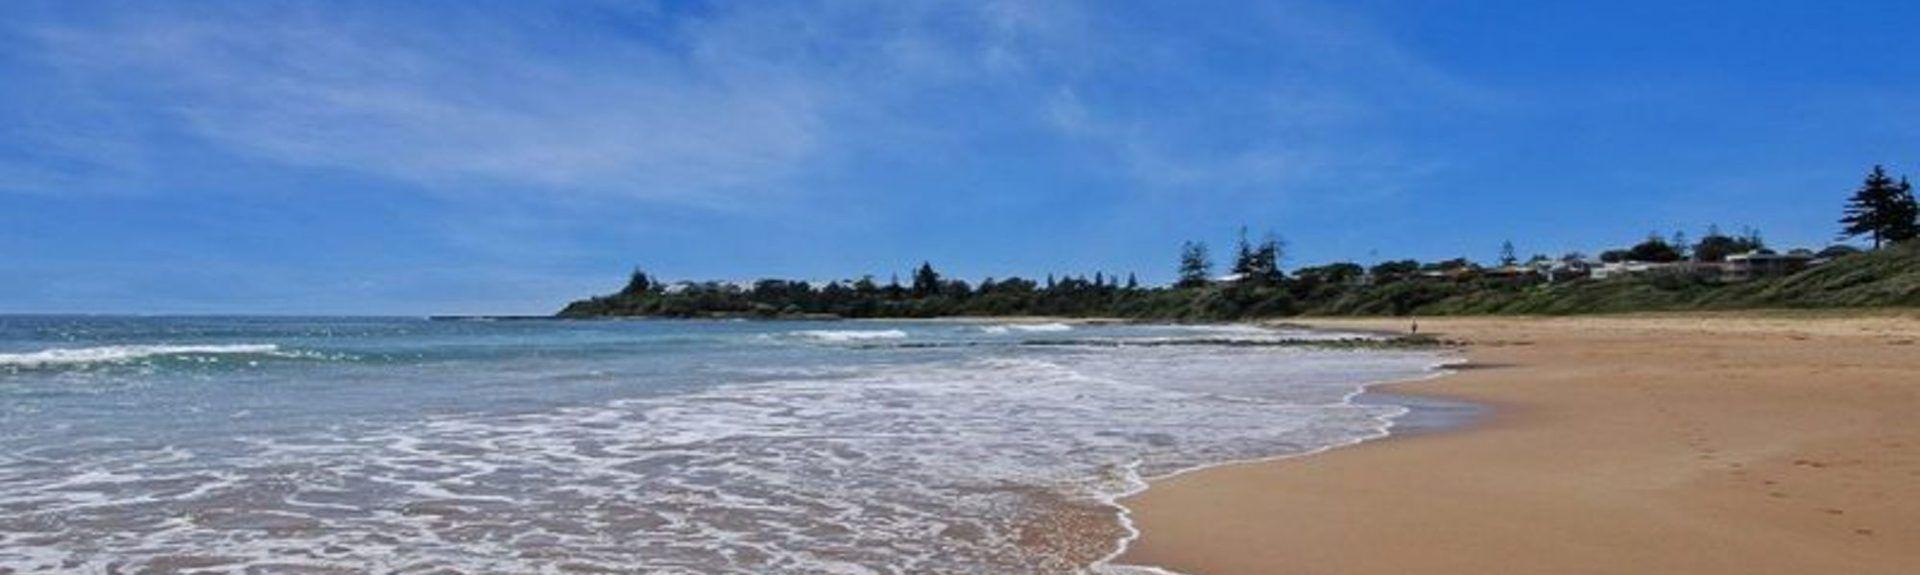 Plaża Callala, Nowa Południowa Walia, Australia